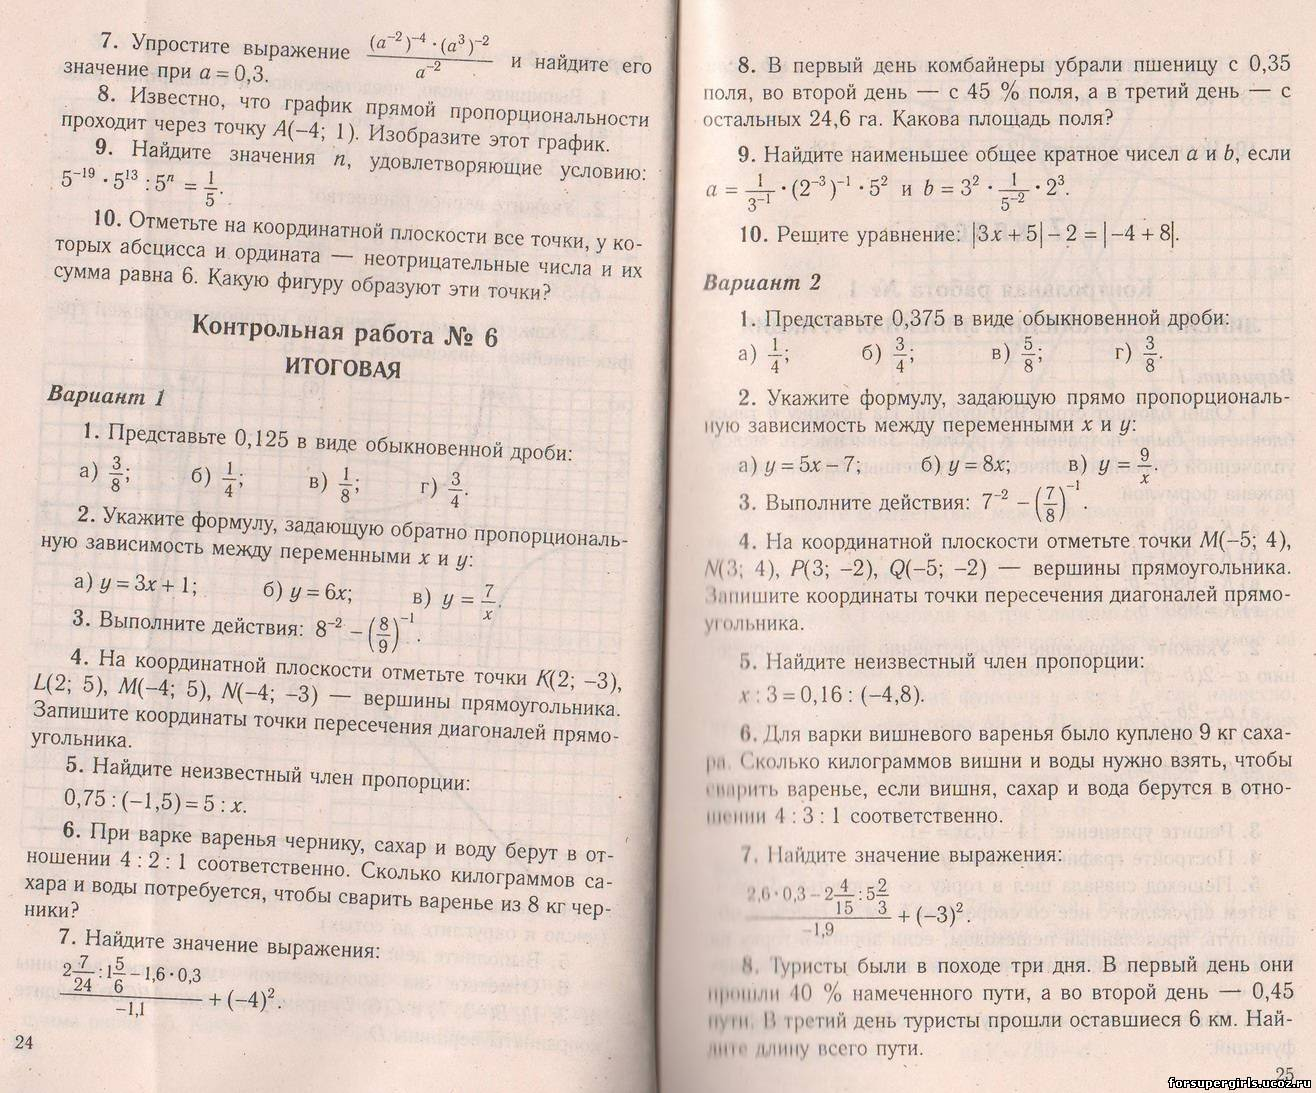 Итоговая контрольная работа по математике № класс Адамович  1